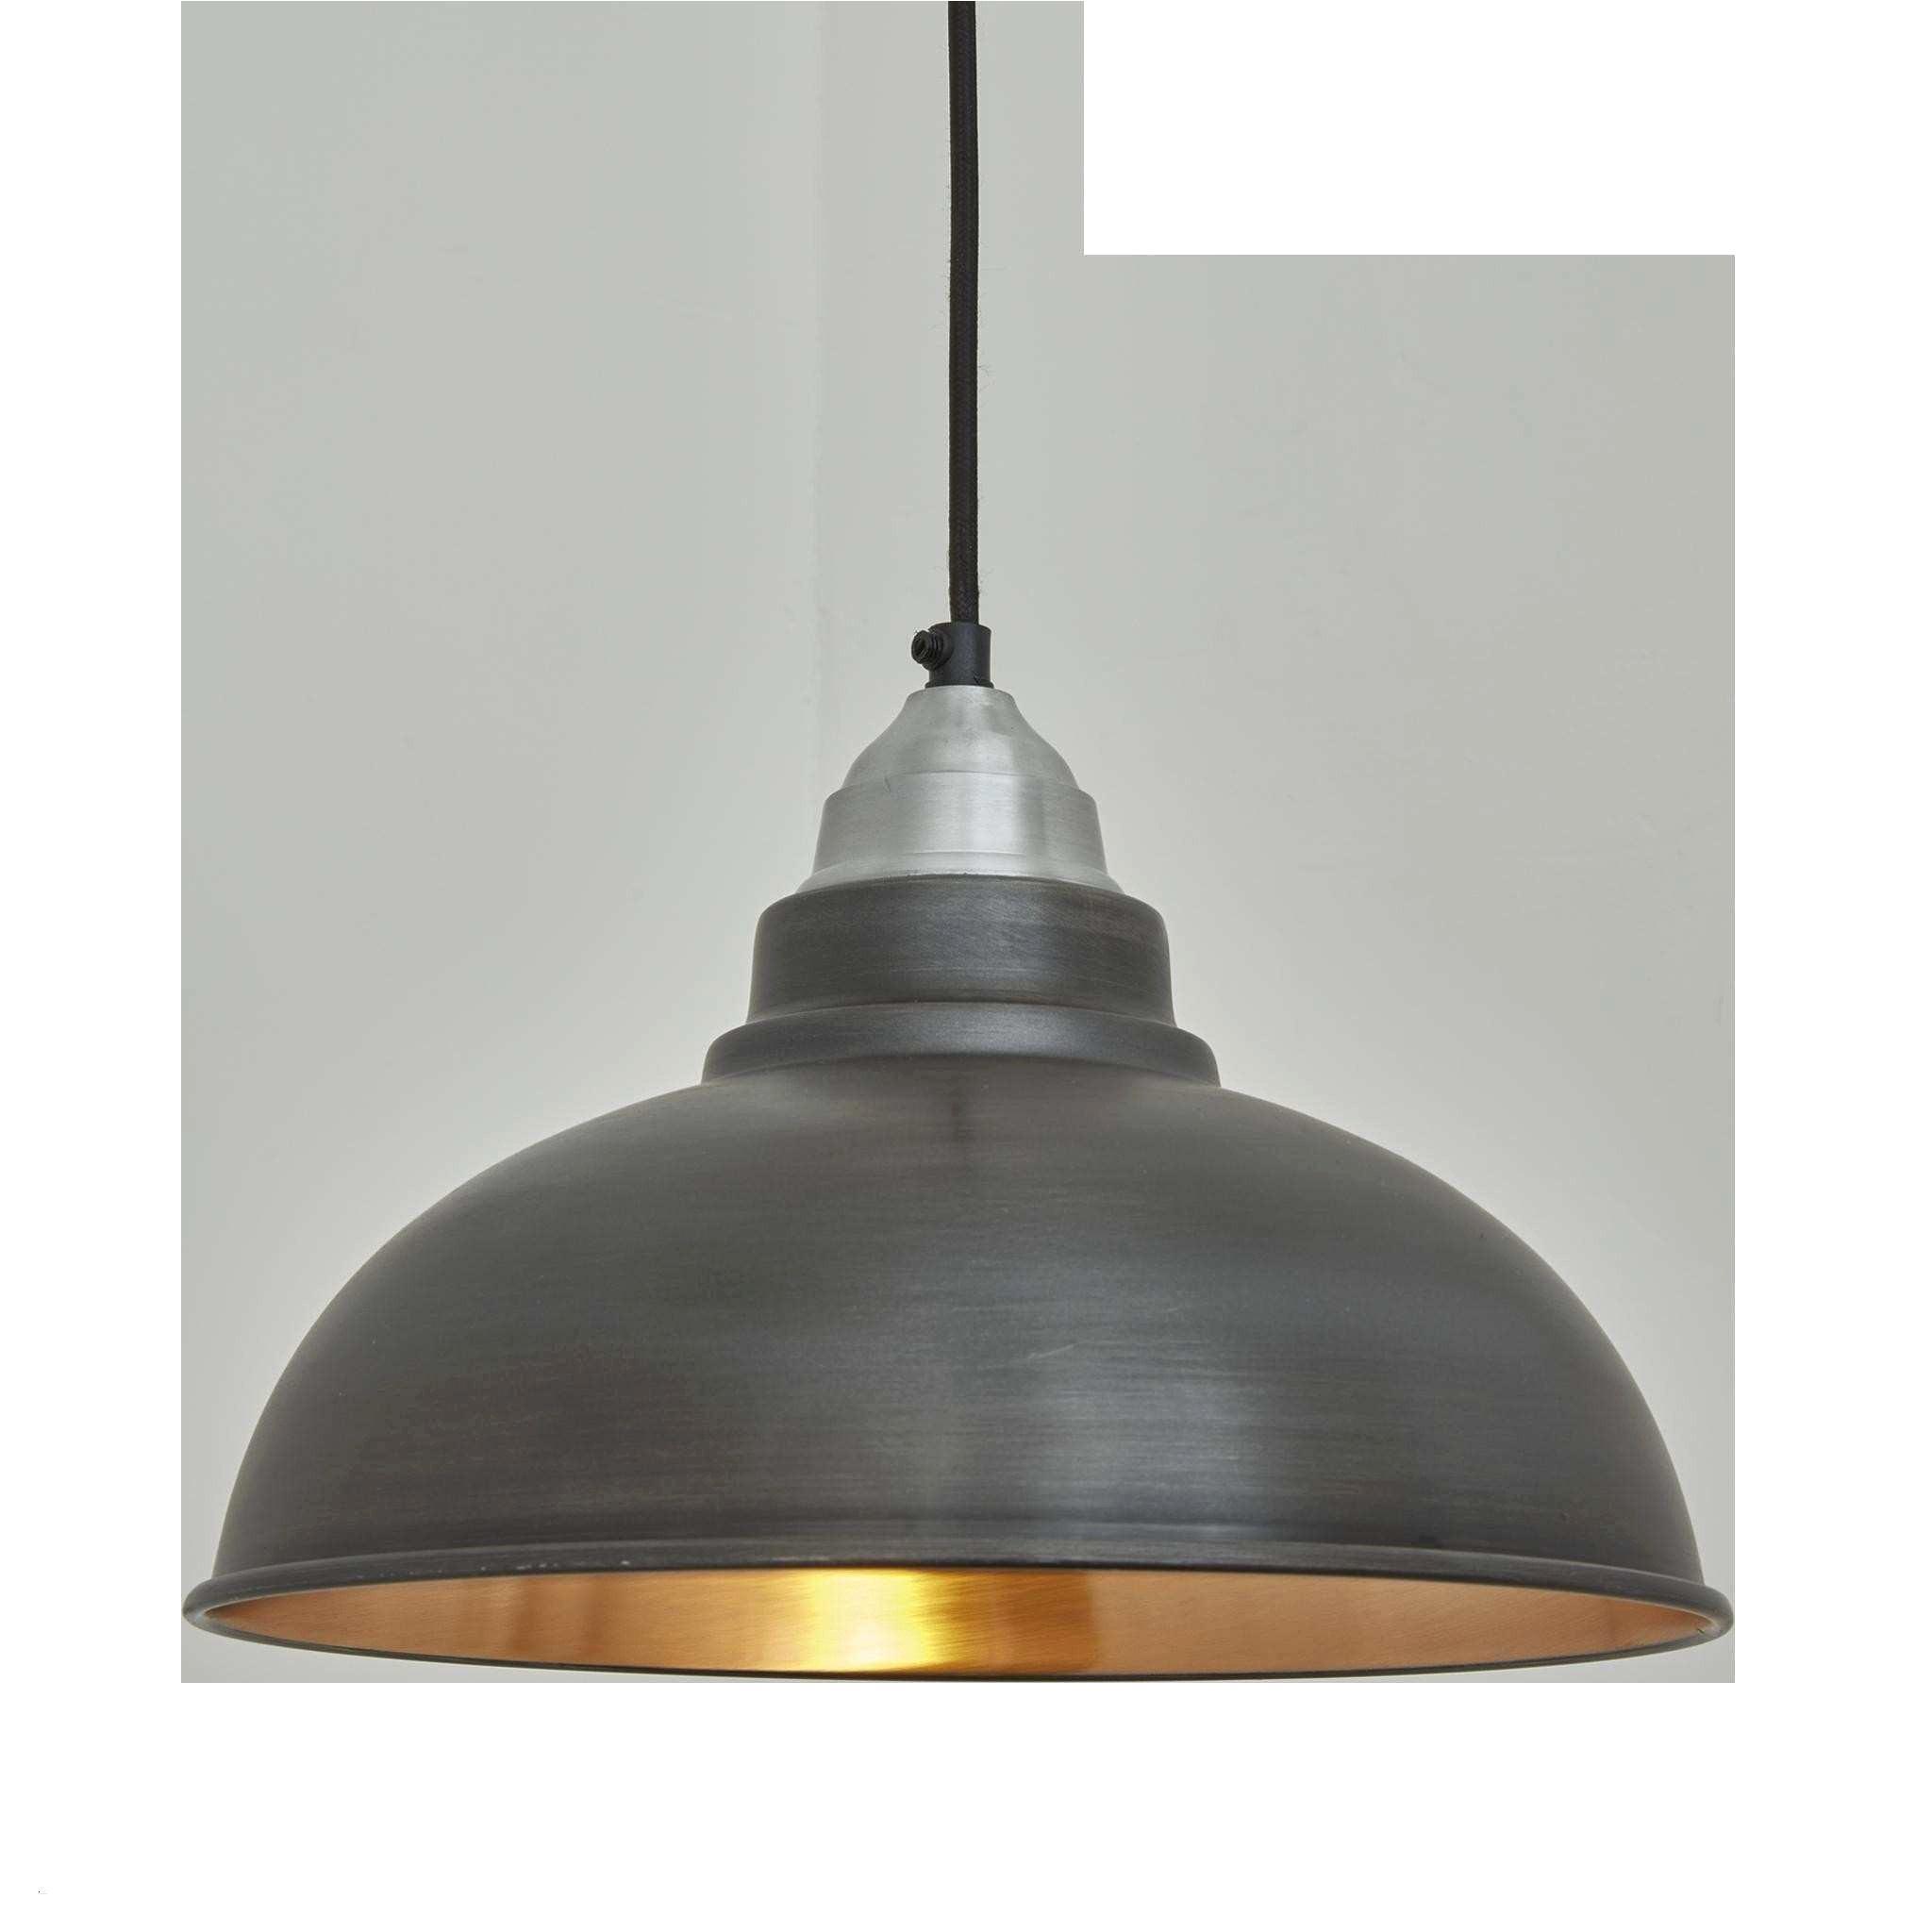 3 pendant lights kit fresh led pendant light fixtures unique 16 gem ring chandelier chb0039 0d